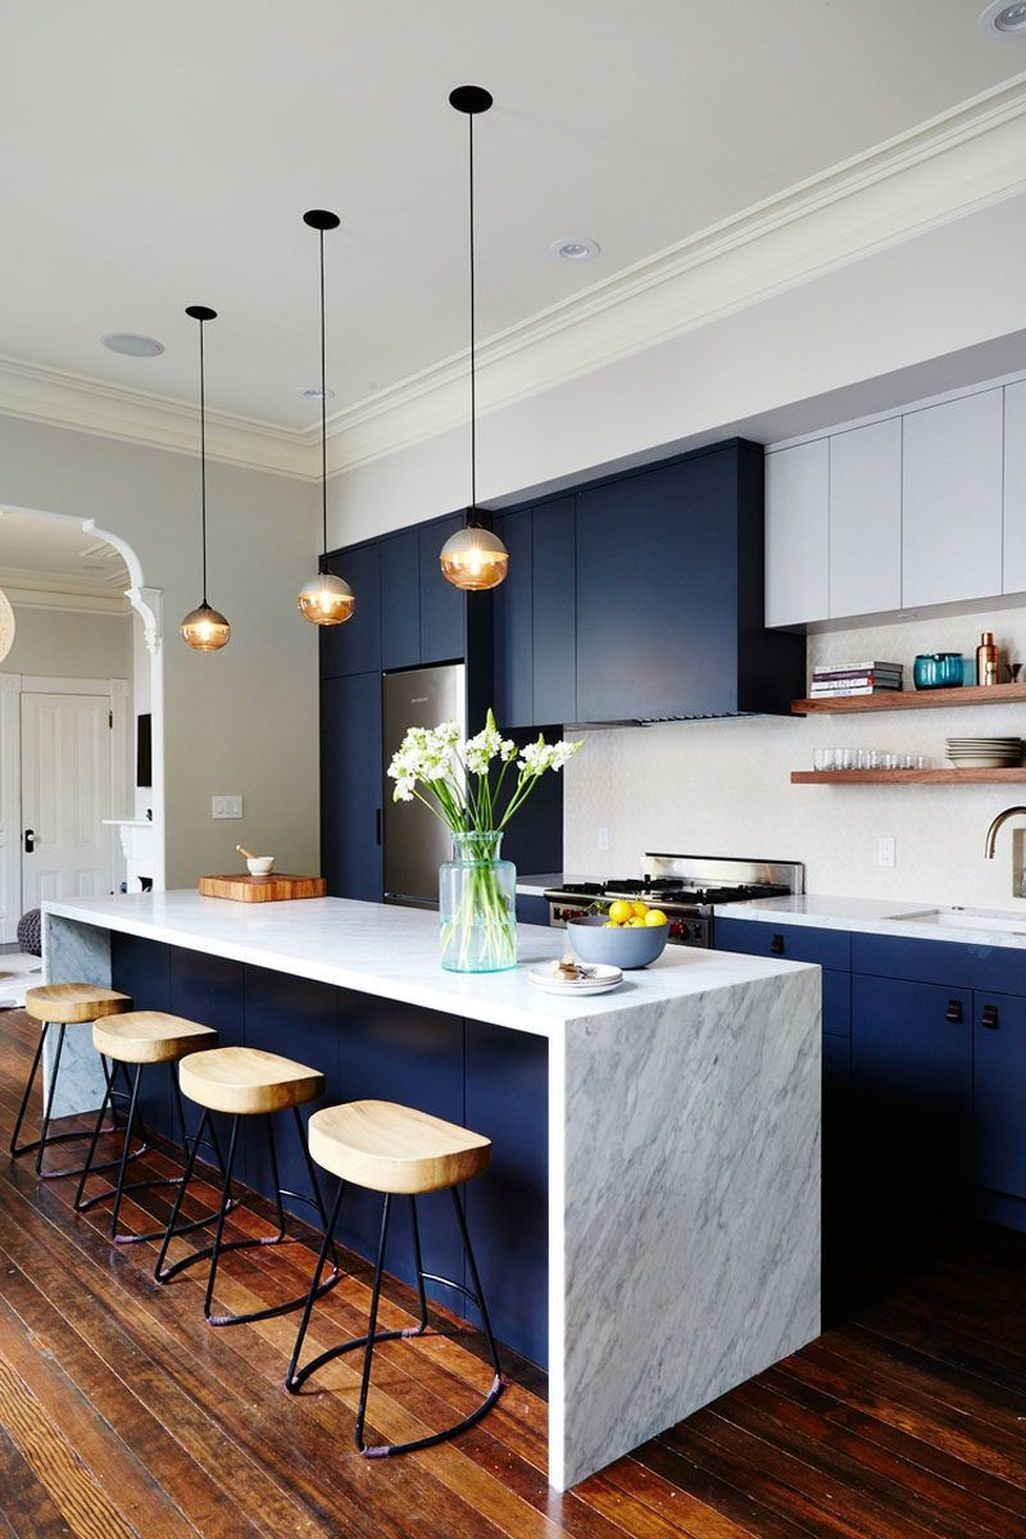 46 Most Popular Kitchen Design Trends Ideas 2018 In 2020 Kitchen Remodel Small Modern Kitchen Design Kitchen Design